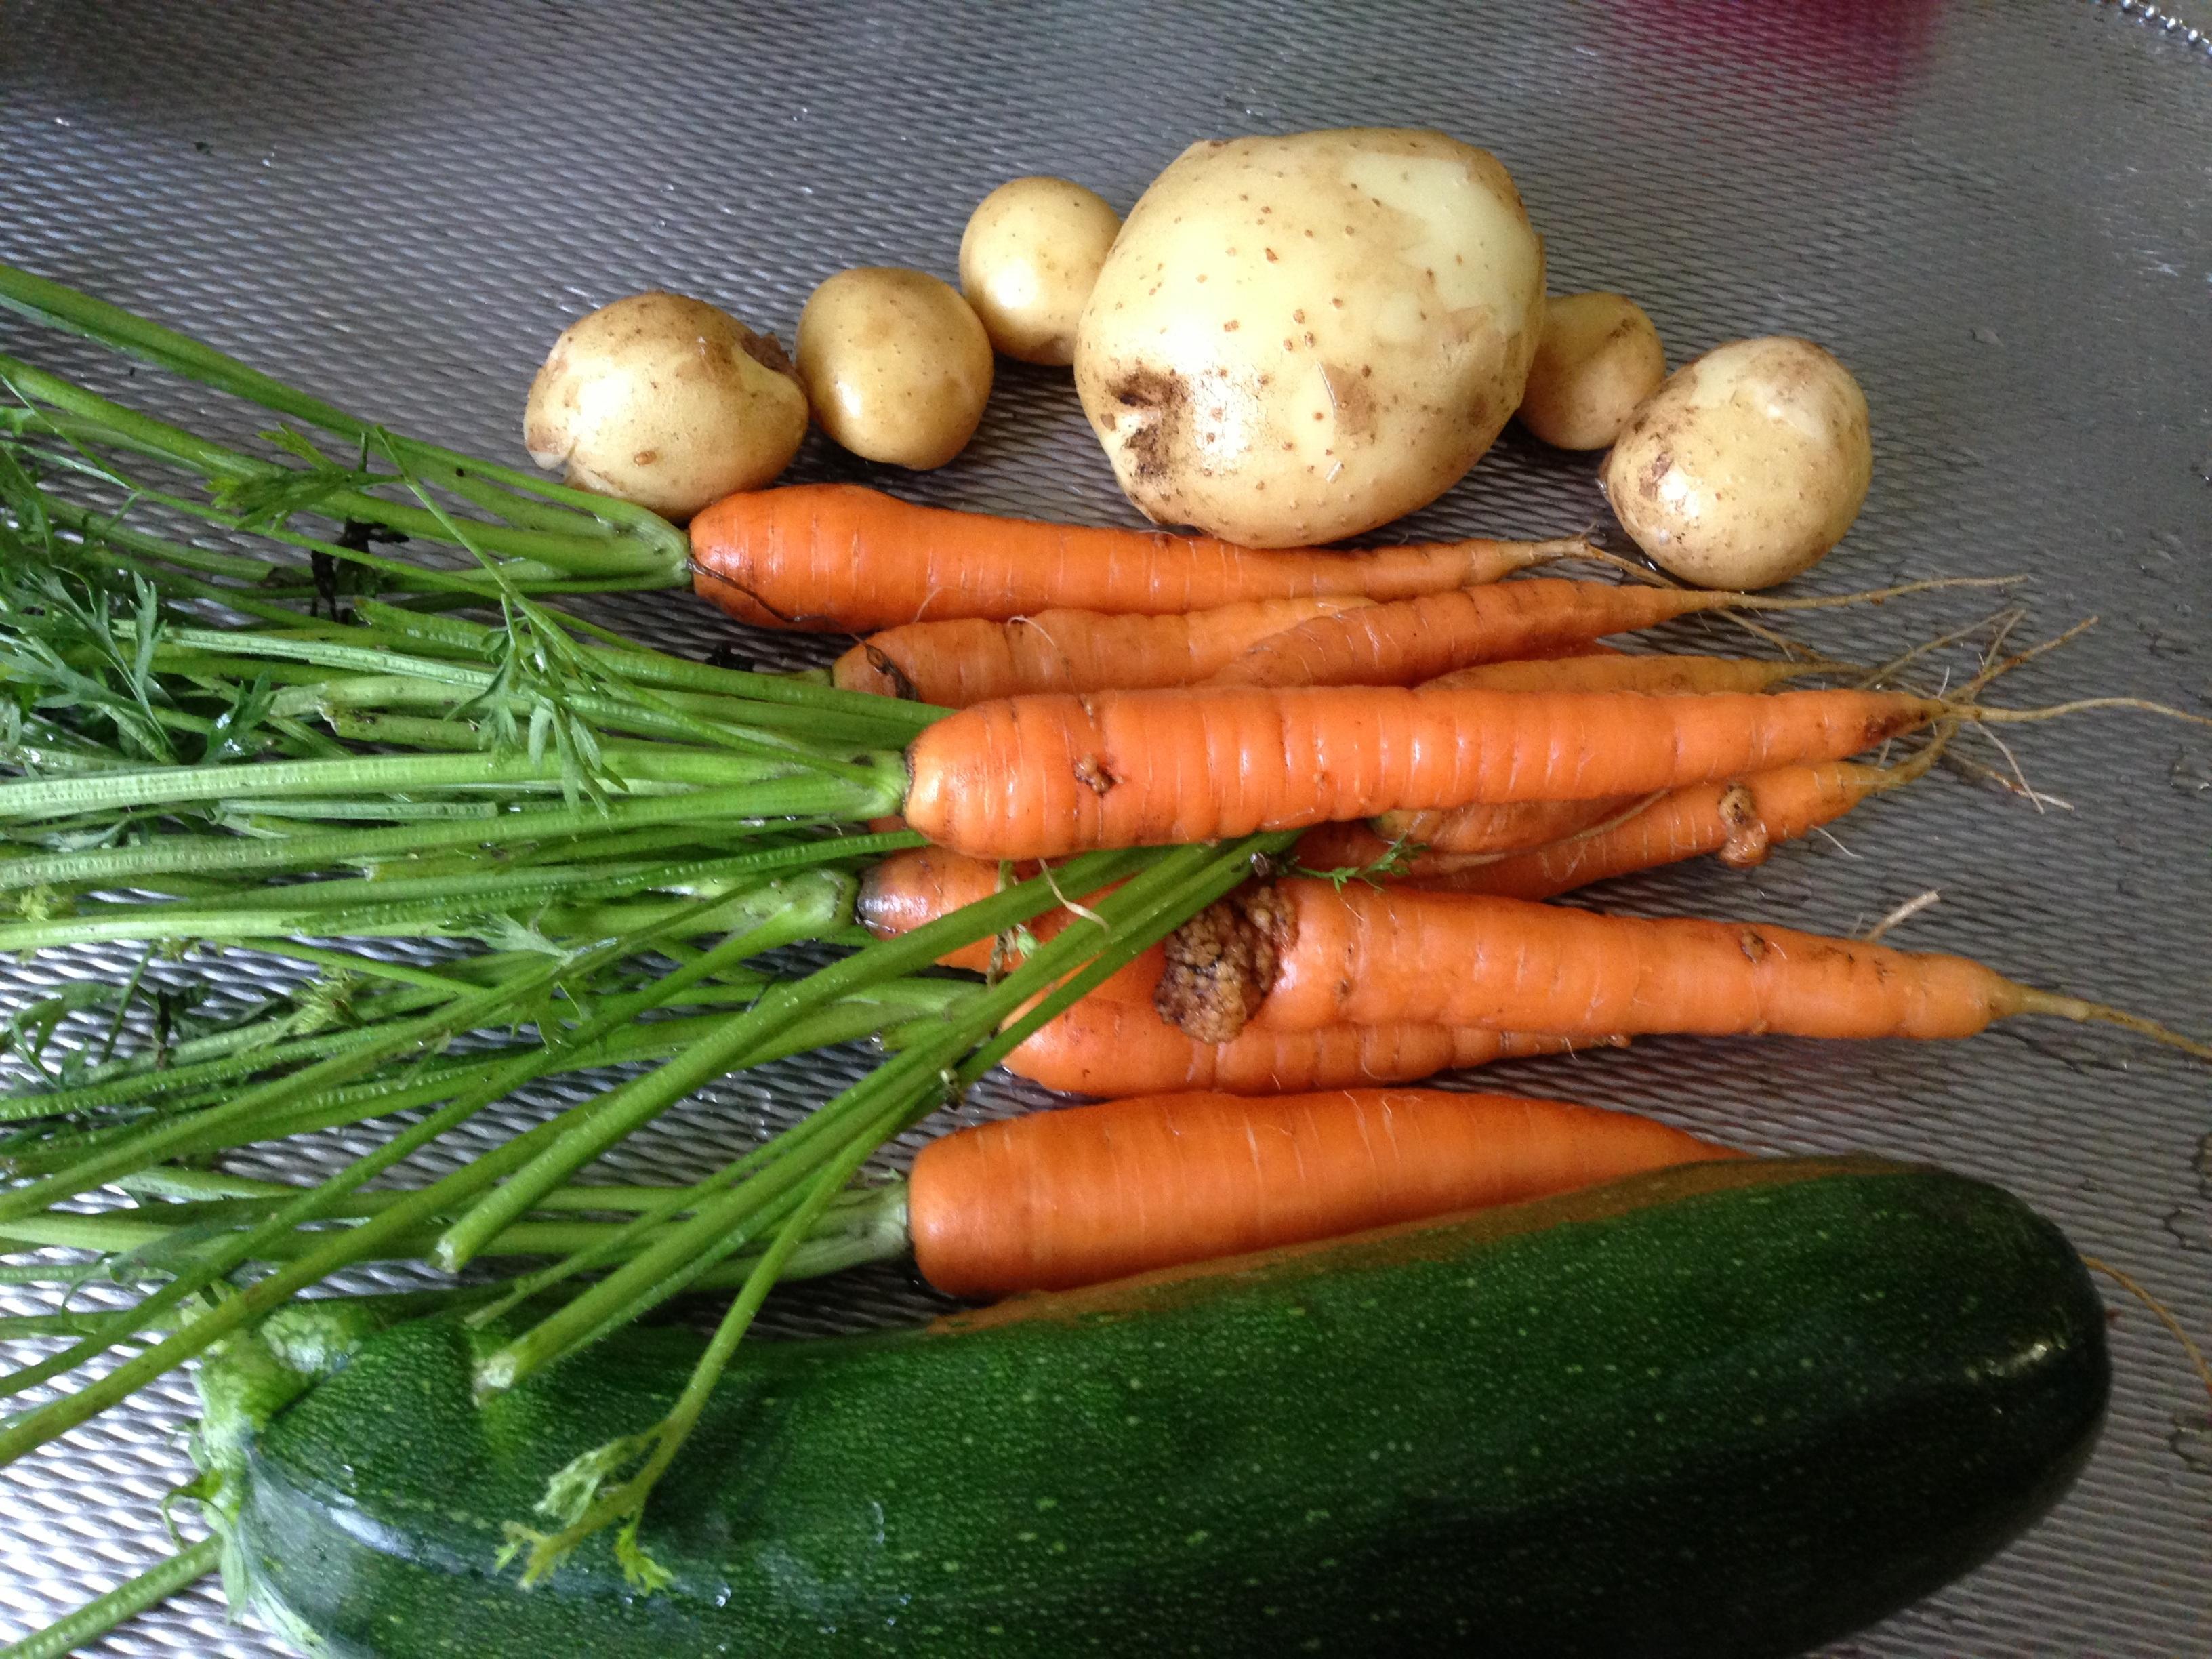 Món Ăn,Sản Xuất,Rau,Cà Rốt,Những Quả Khoai Tây,